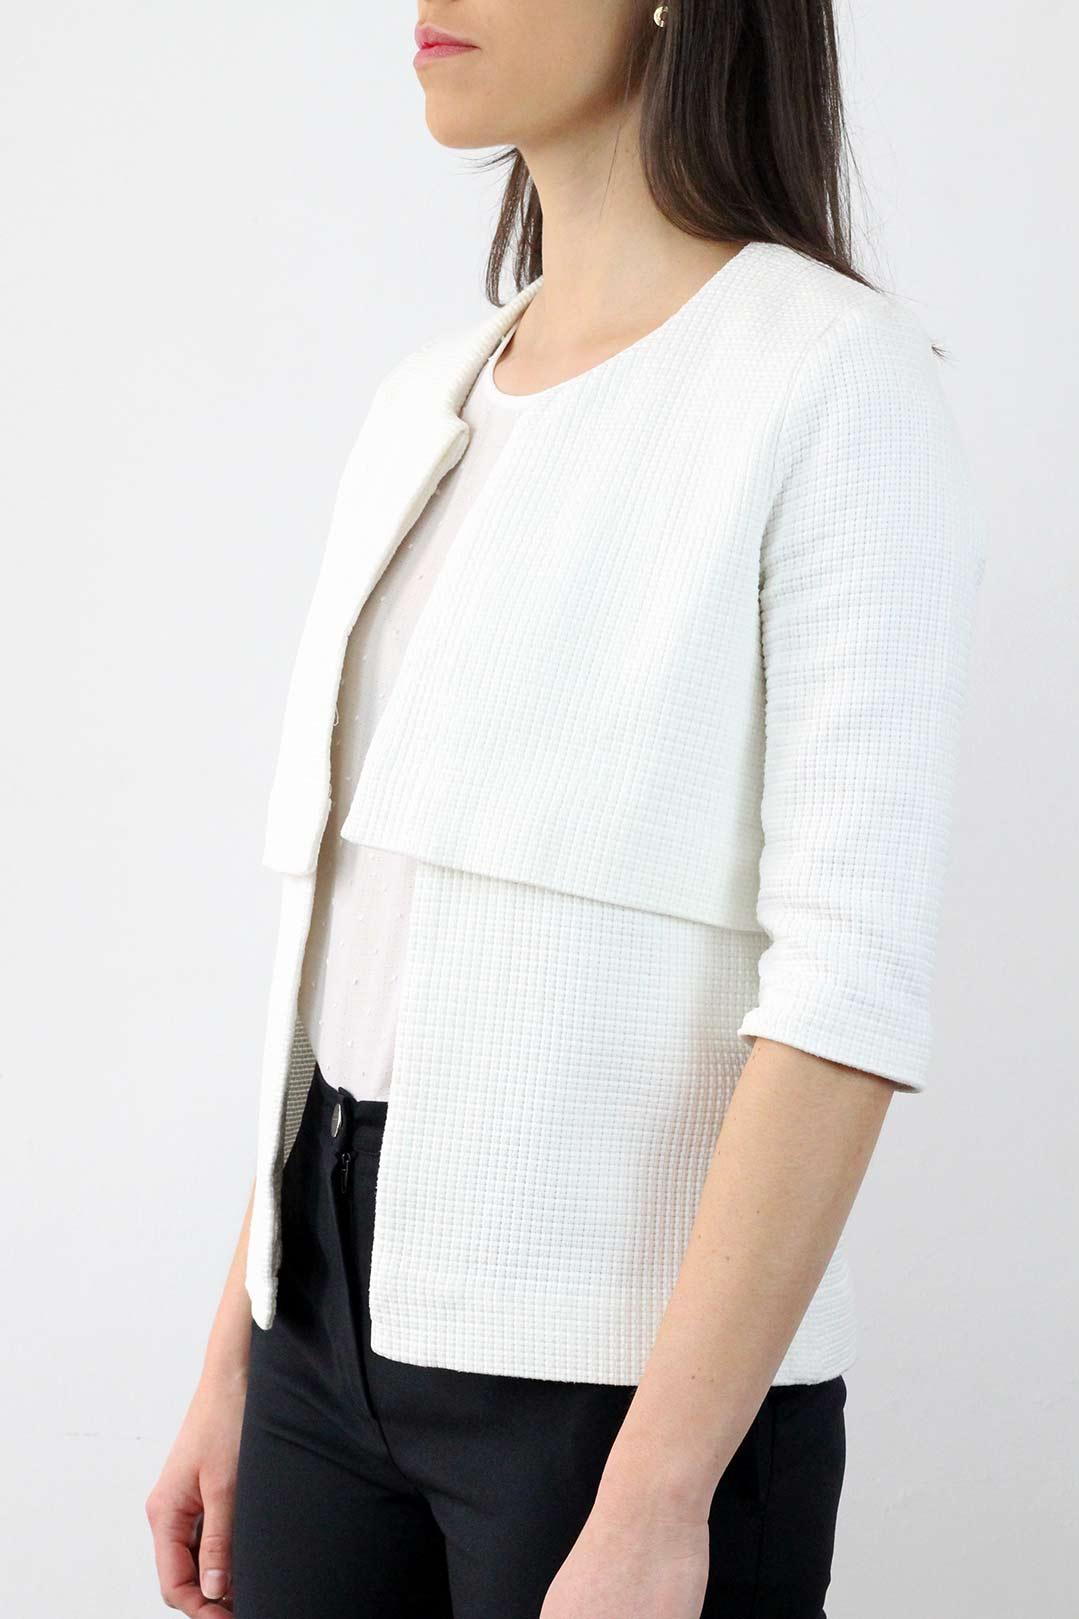 Veste Coton blanche femme 2